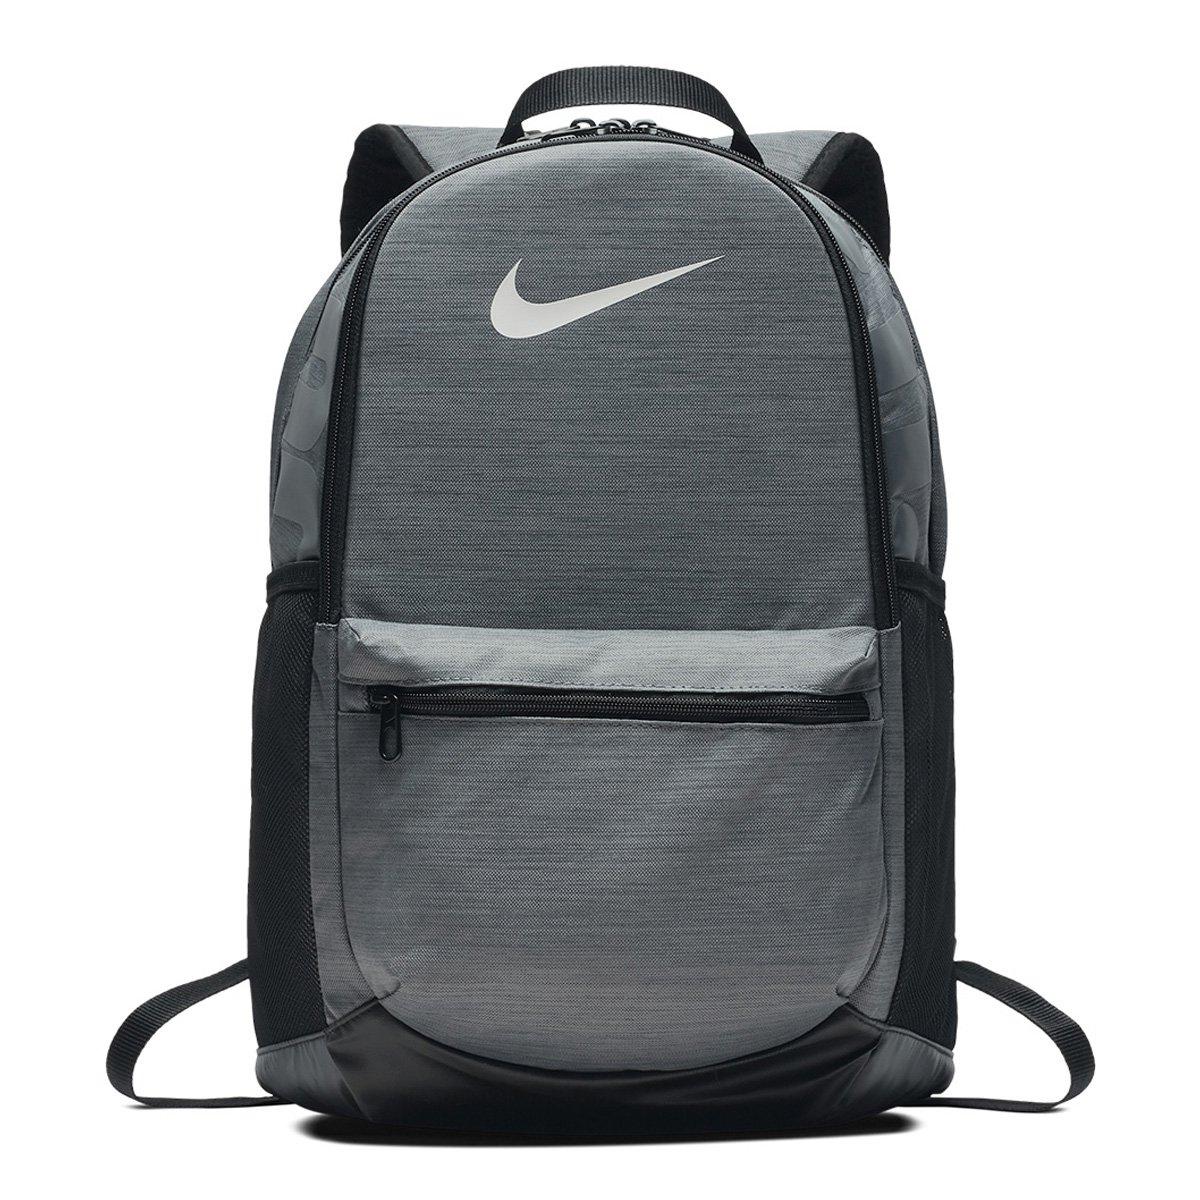 Mochila Nike Brasília - Cinza e Preto - Compre Agora  14b90093dcc0f